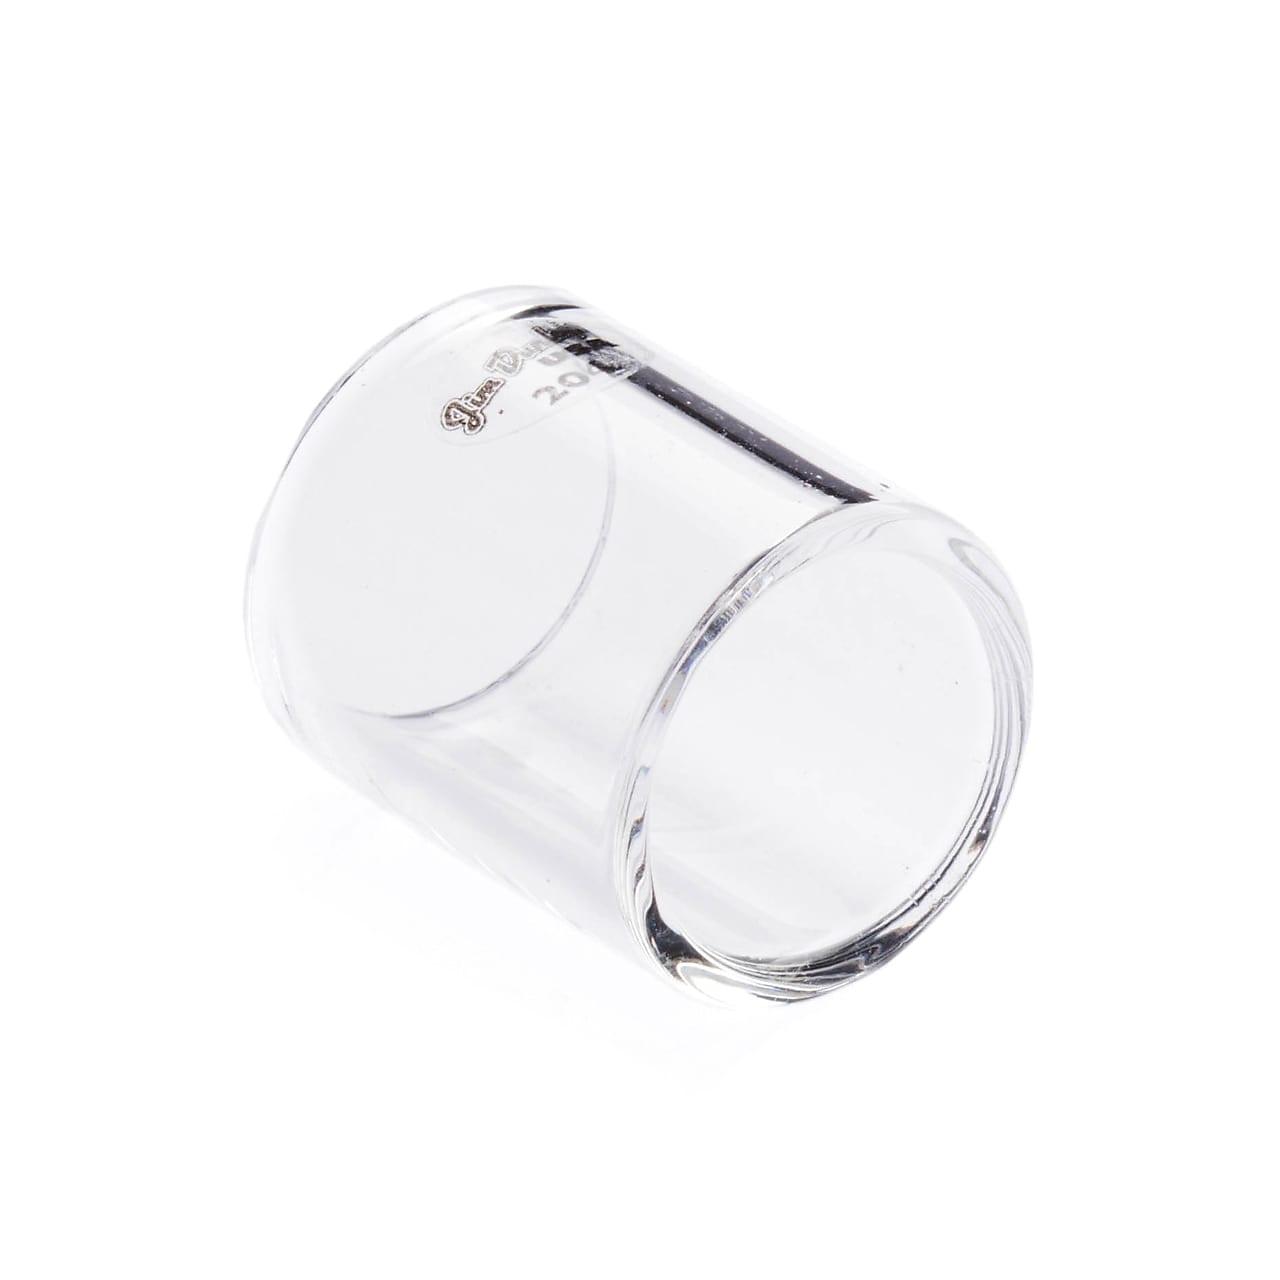 Dunlop 204 Medium Knuckle Pyrex Glass Slide Medium Wall